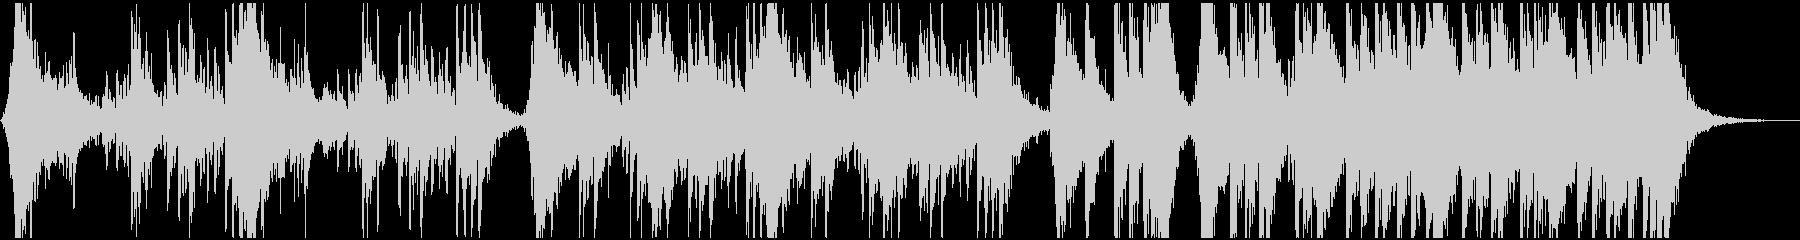 迫力あるシネマチックパーカッション04の未再生の波形